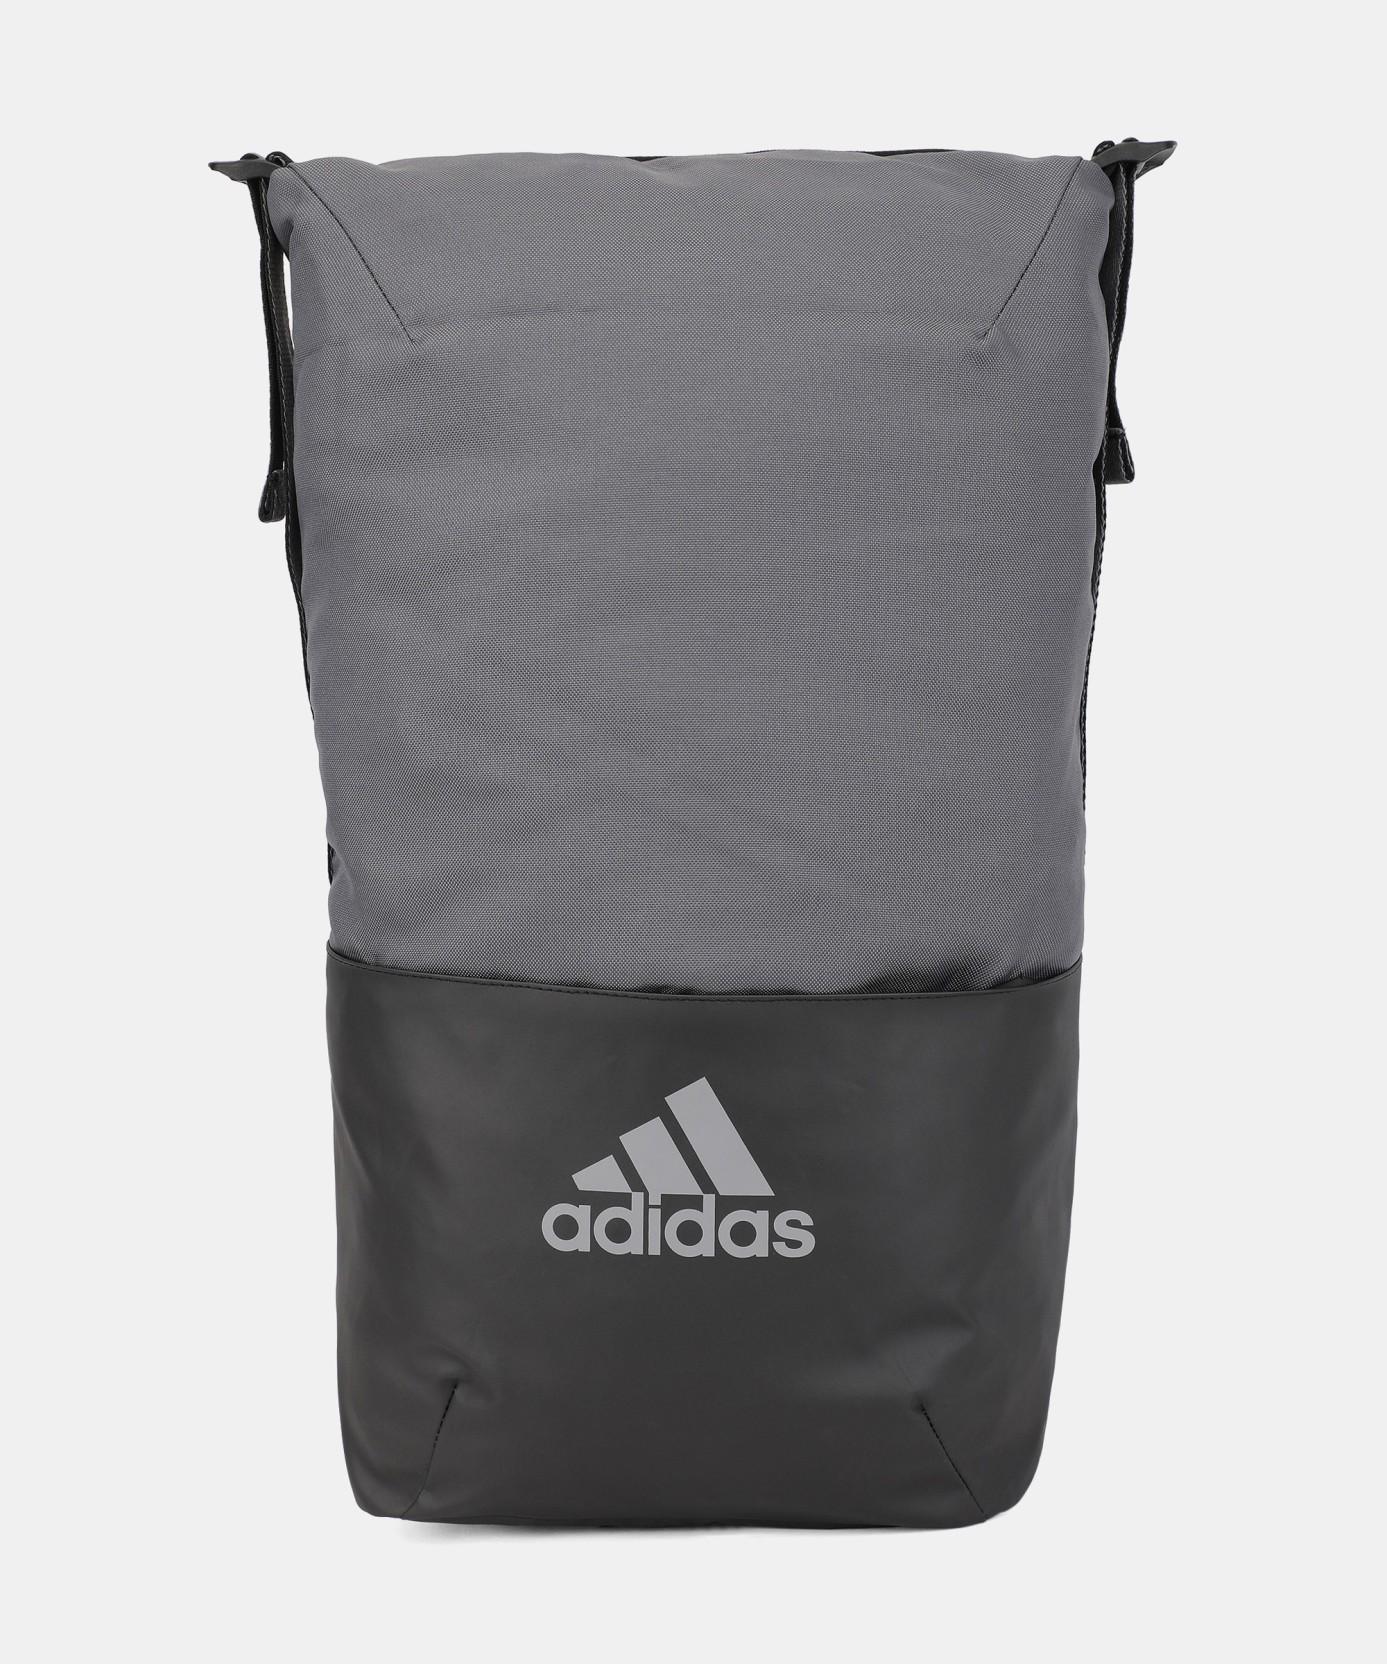 57844199156e ADIDAS ZNE CORE 25 L Laptop Backpack BLACK GREFIV MGSOGR - Price in ...